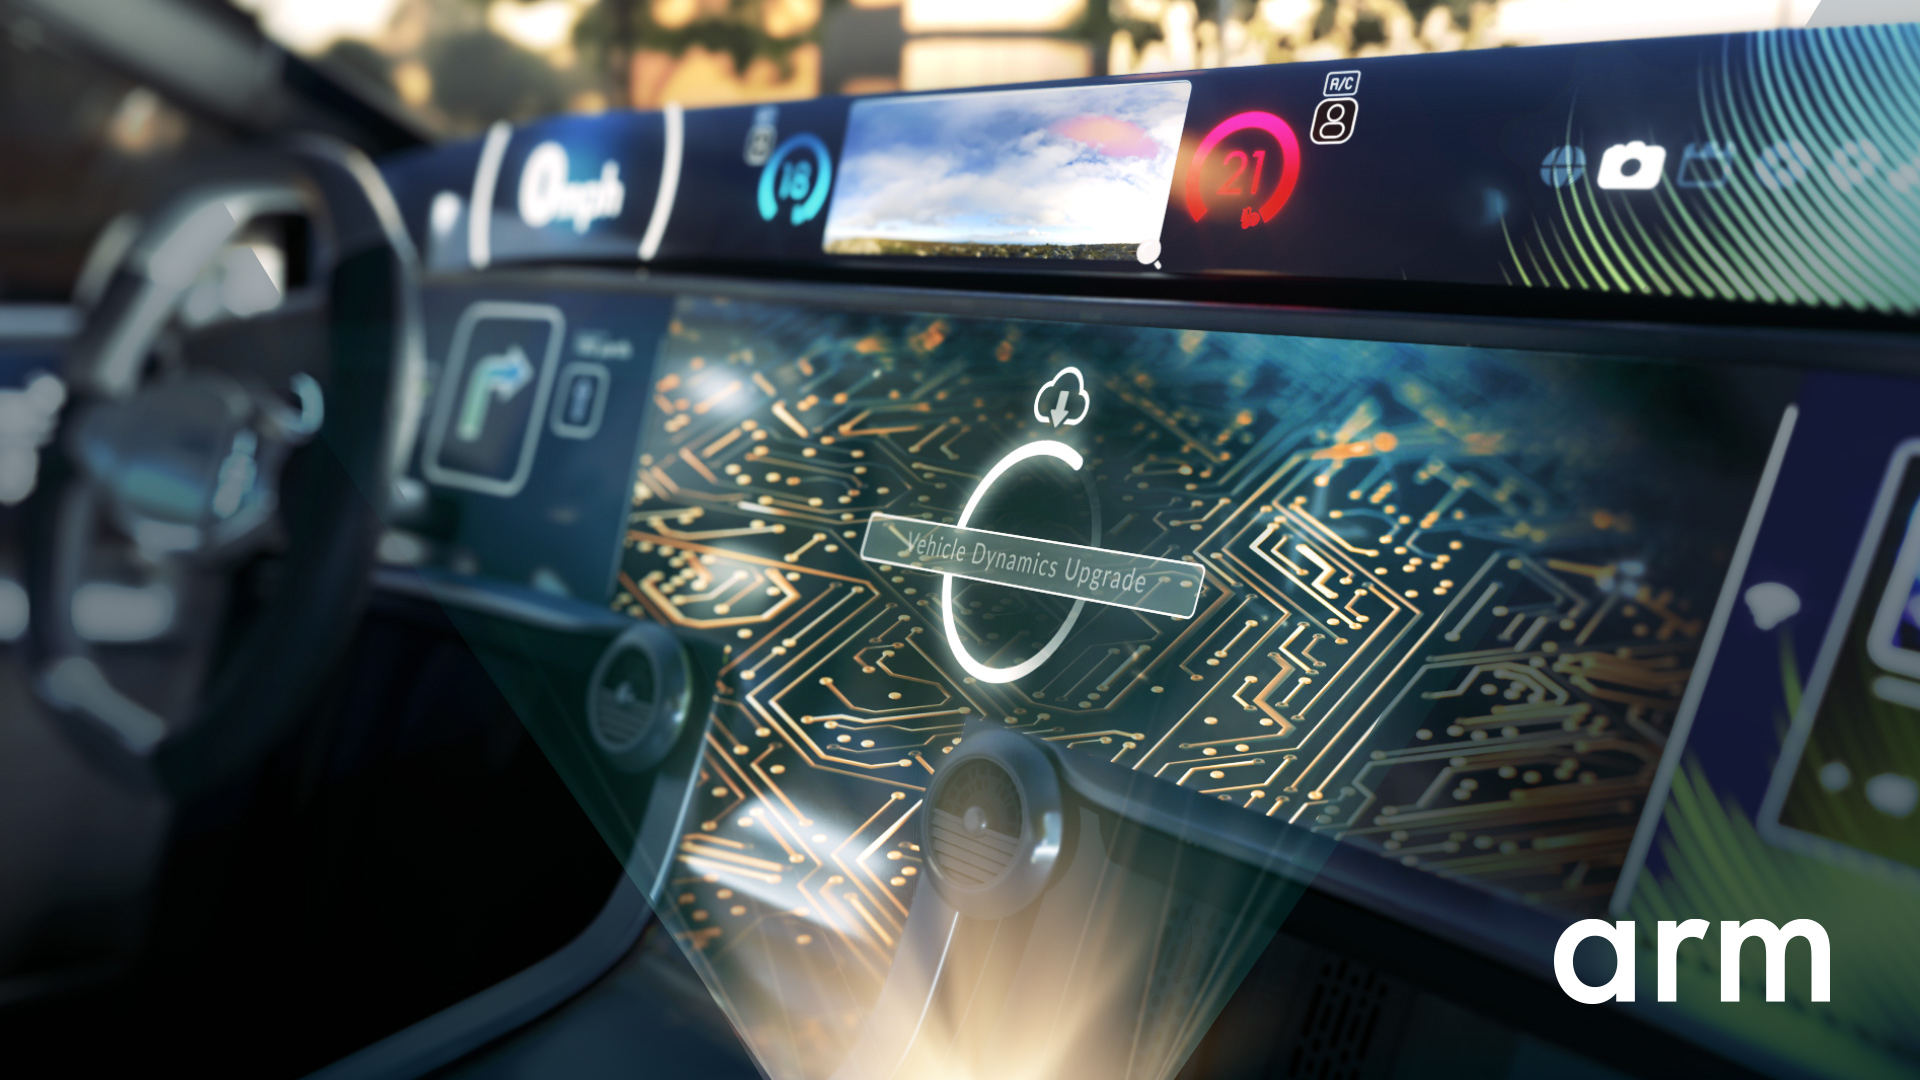 横扫智能手机领域的ARM架构,开始进军汽车业